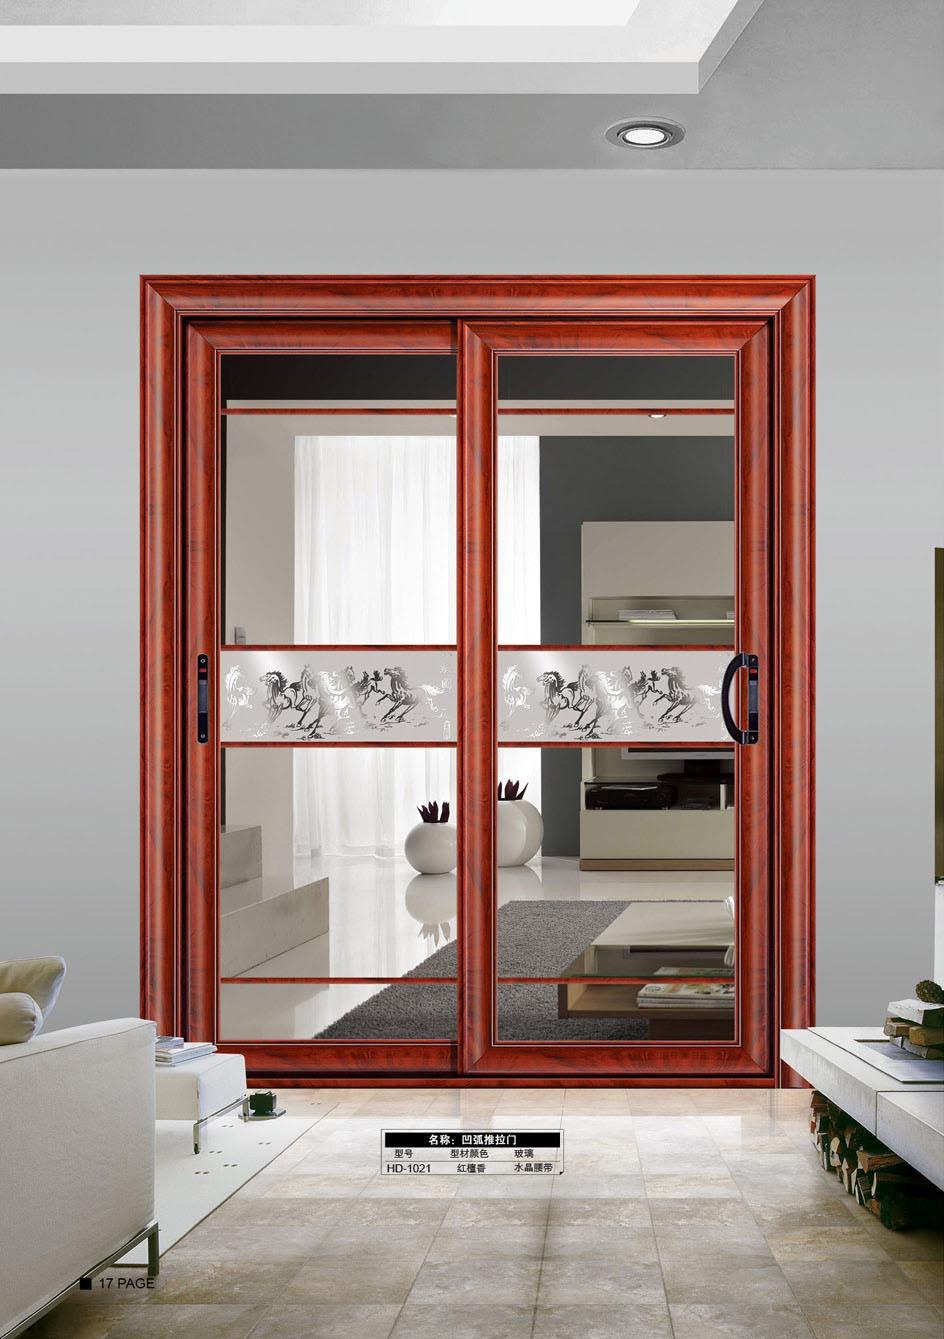 储物间壁柜     按位置分类     卧室门   厨房门 卫生间门   阳台